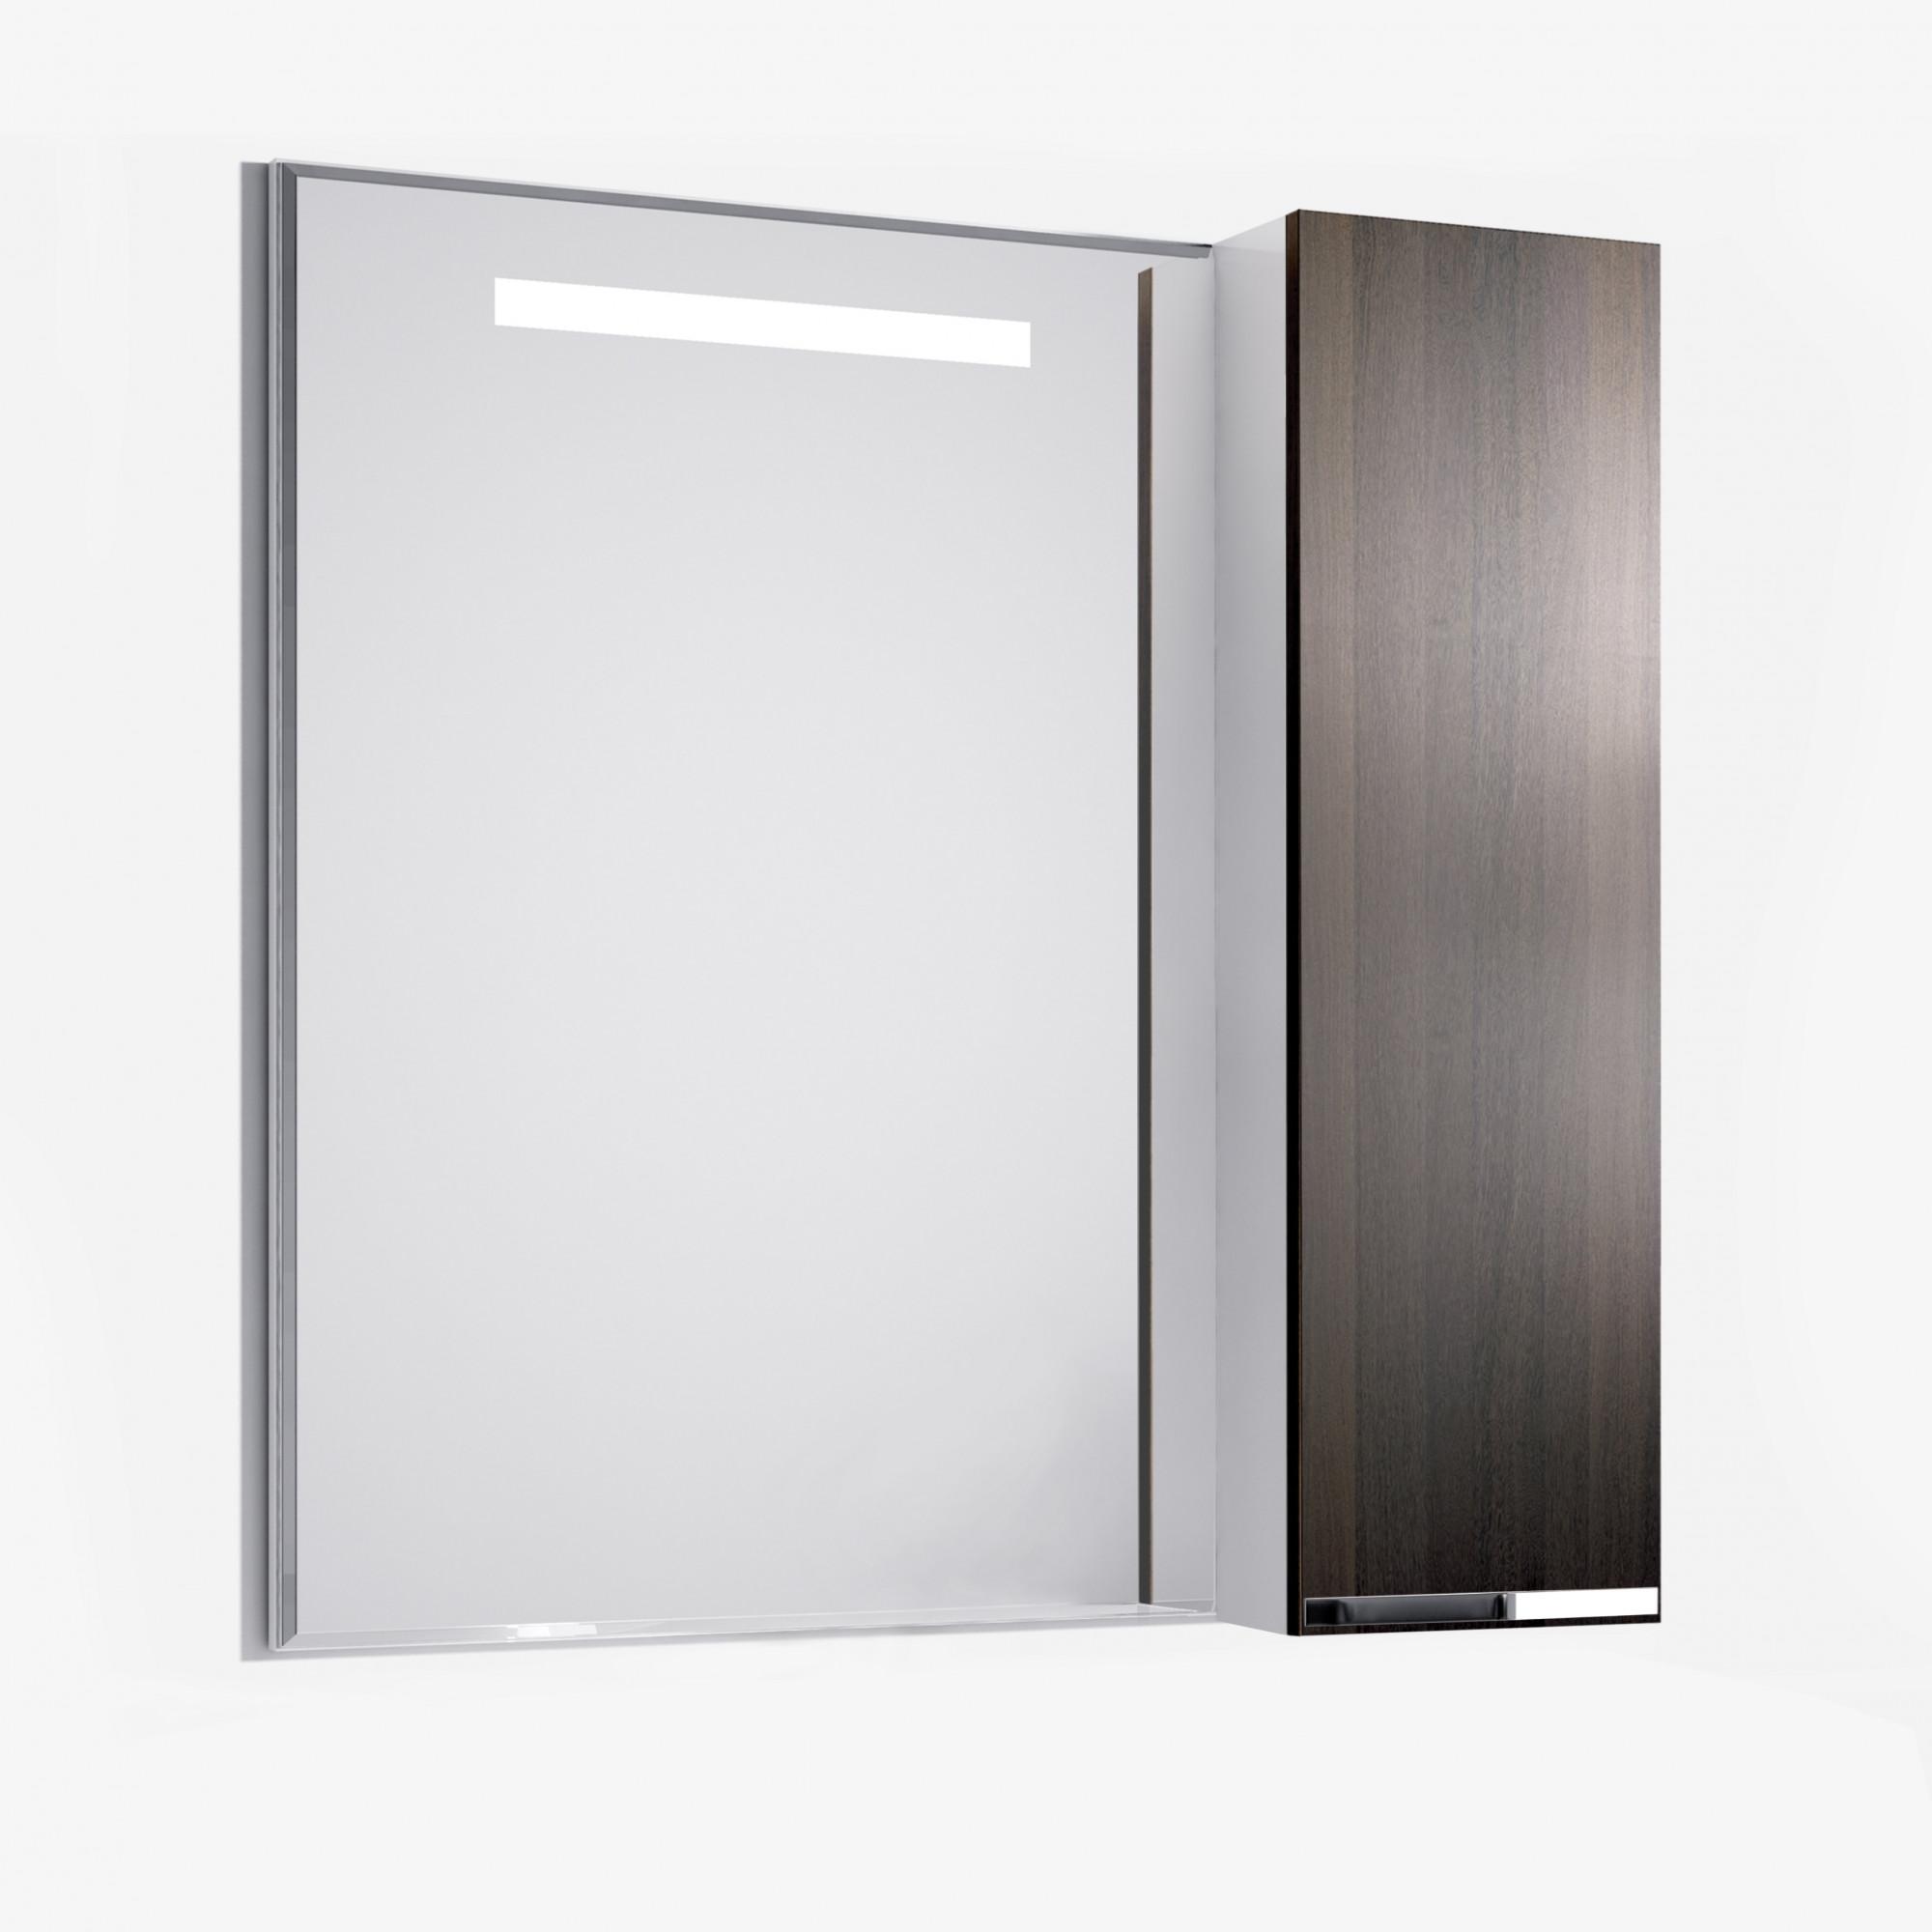 Зеркало-шкаф Latte 90 венге